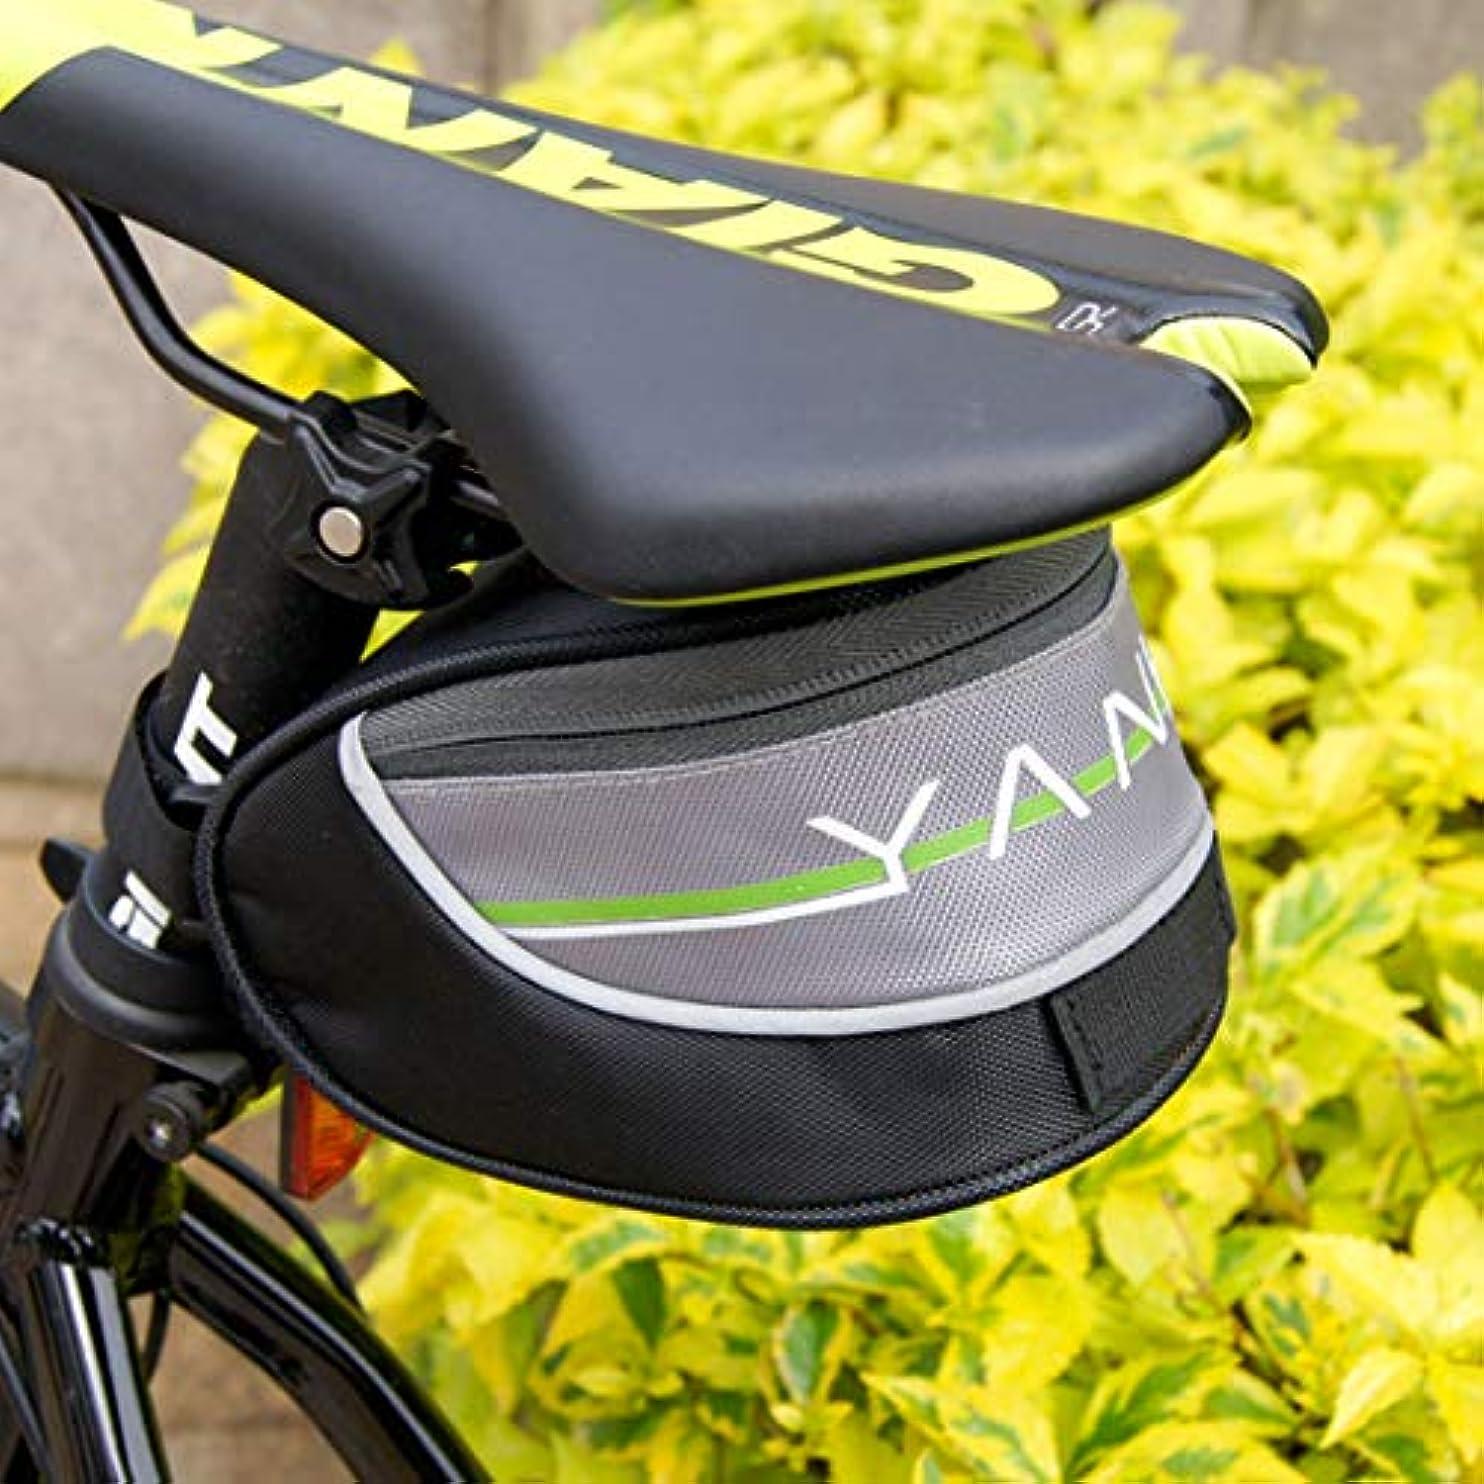 付属品船尾ベーリング海峡CAFUTY MTBロードバイクアクセサリーシートポストバッグテールリアポーチバッグ自転車バッグバイクサドルバッグトライアングル防雨 (Color : ブラック)